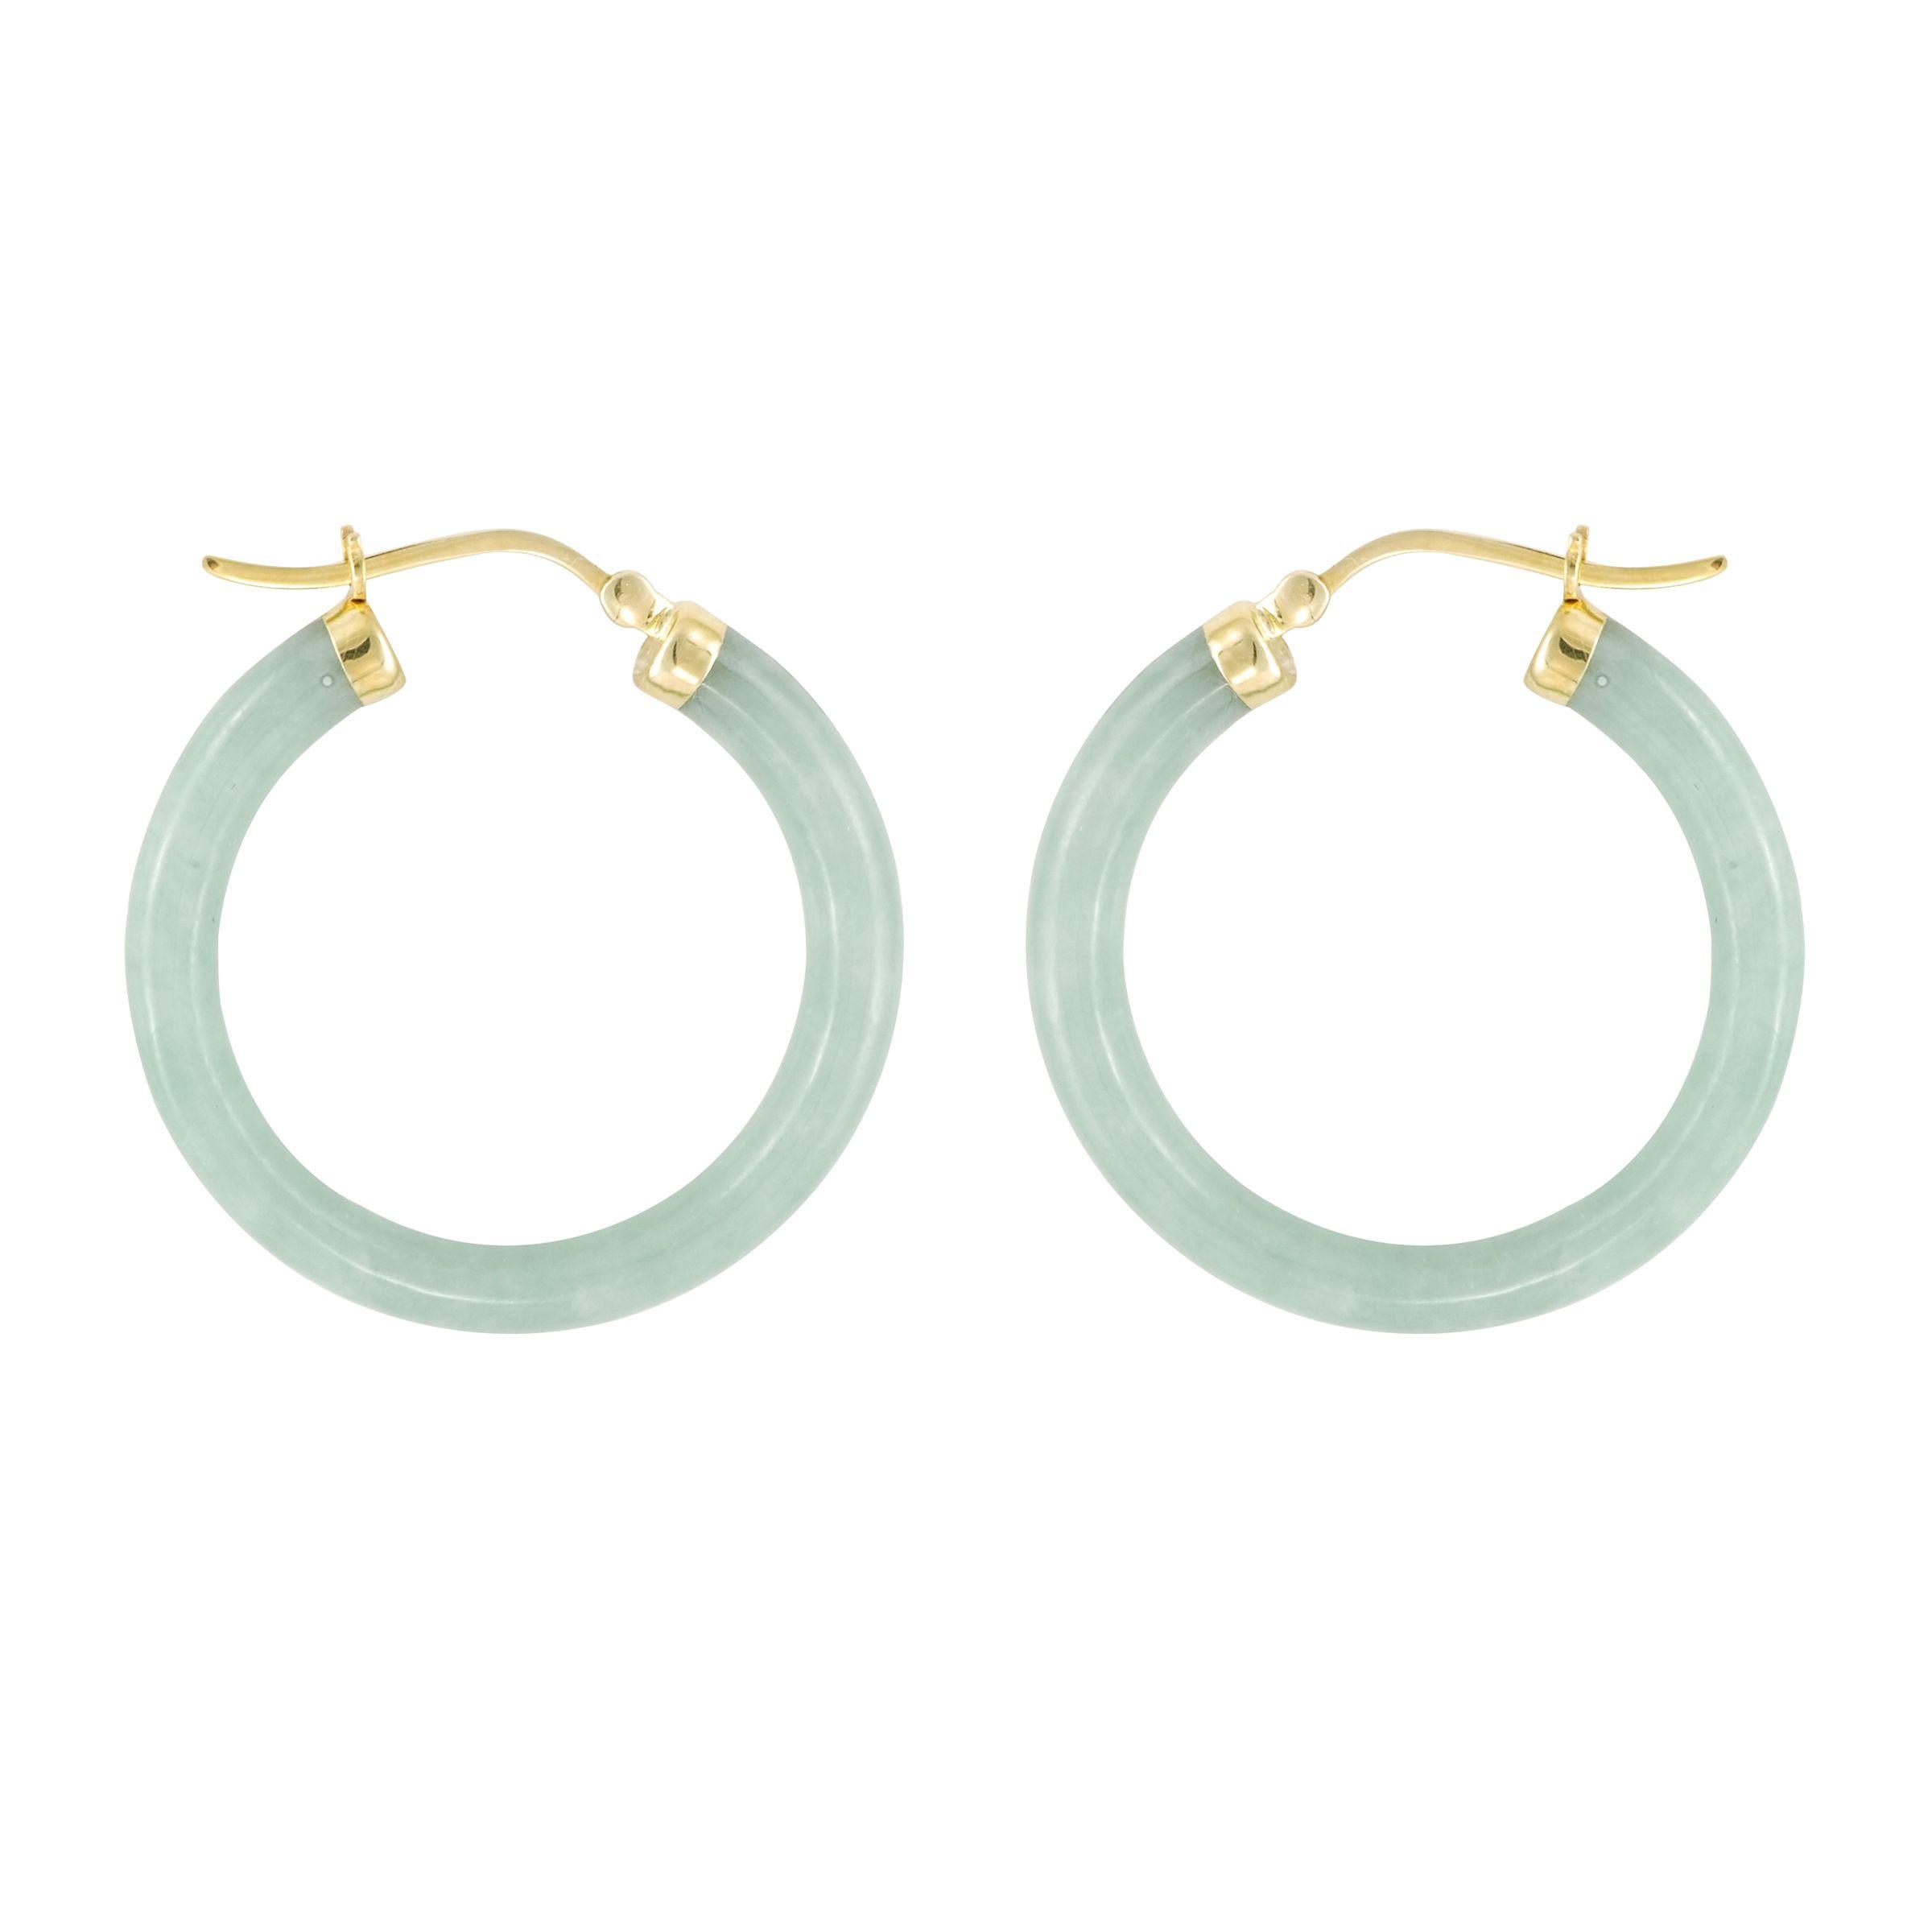 Jade Hoop Earrings. 10K Yellow Gold